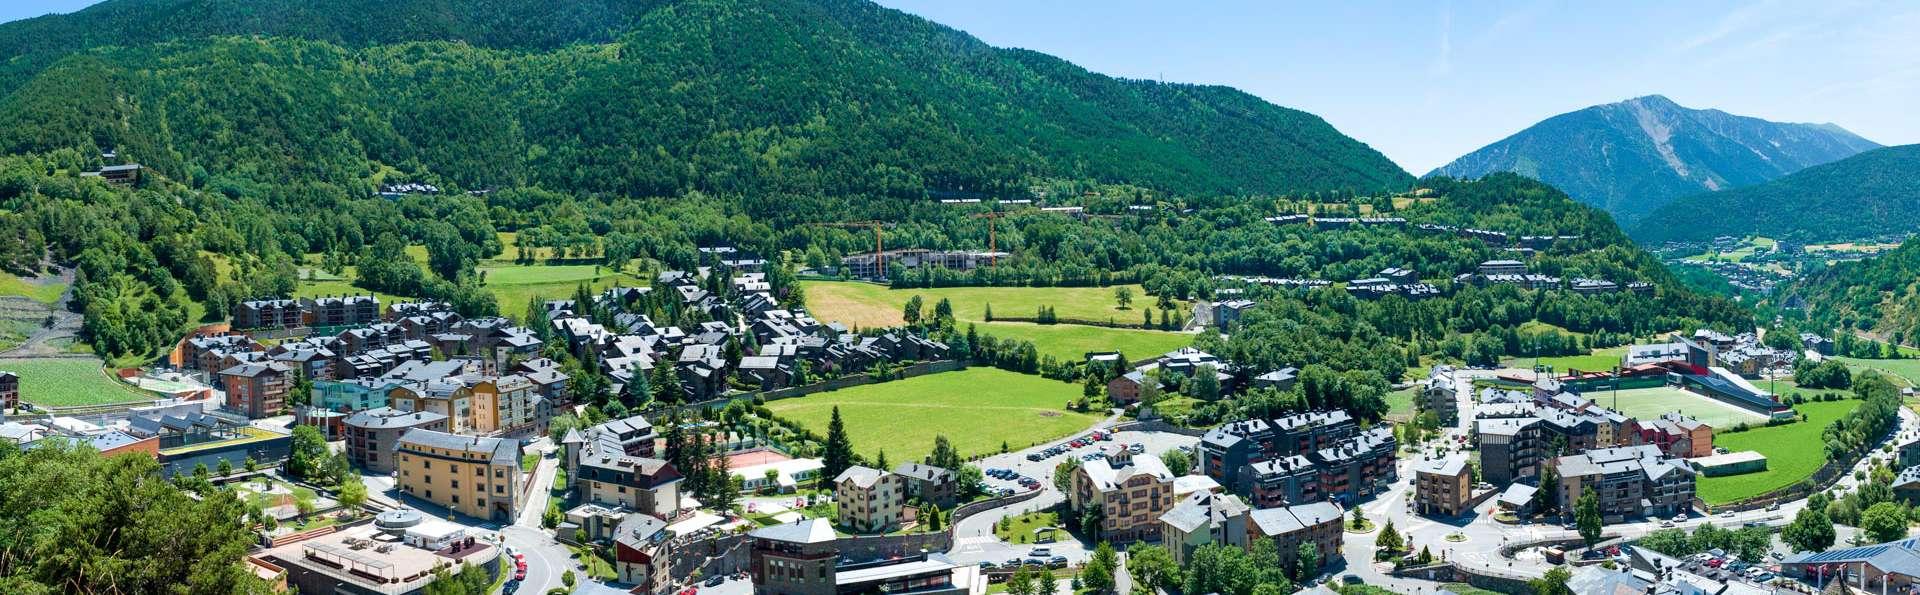 Échapper à la routine au coeur des Pyrénées d'Andorre